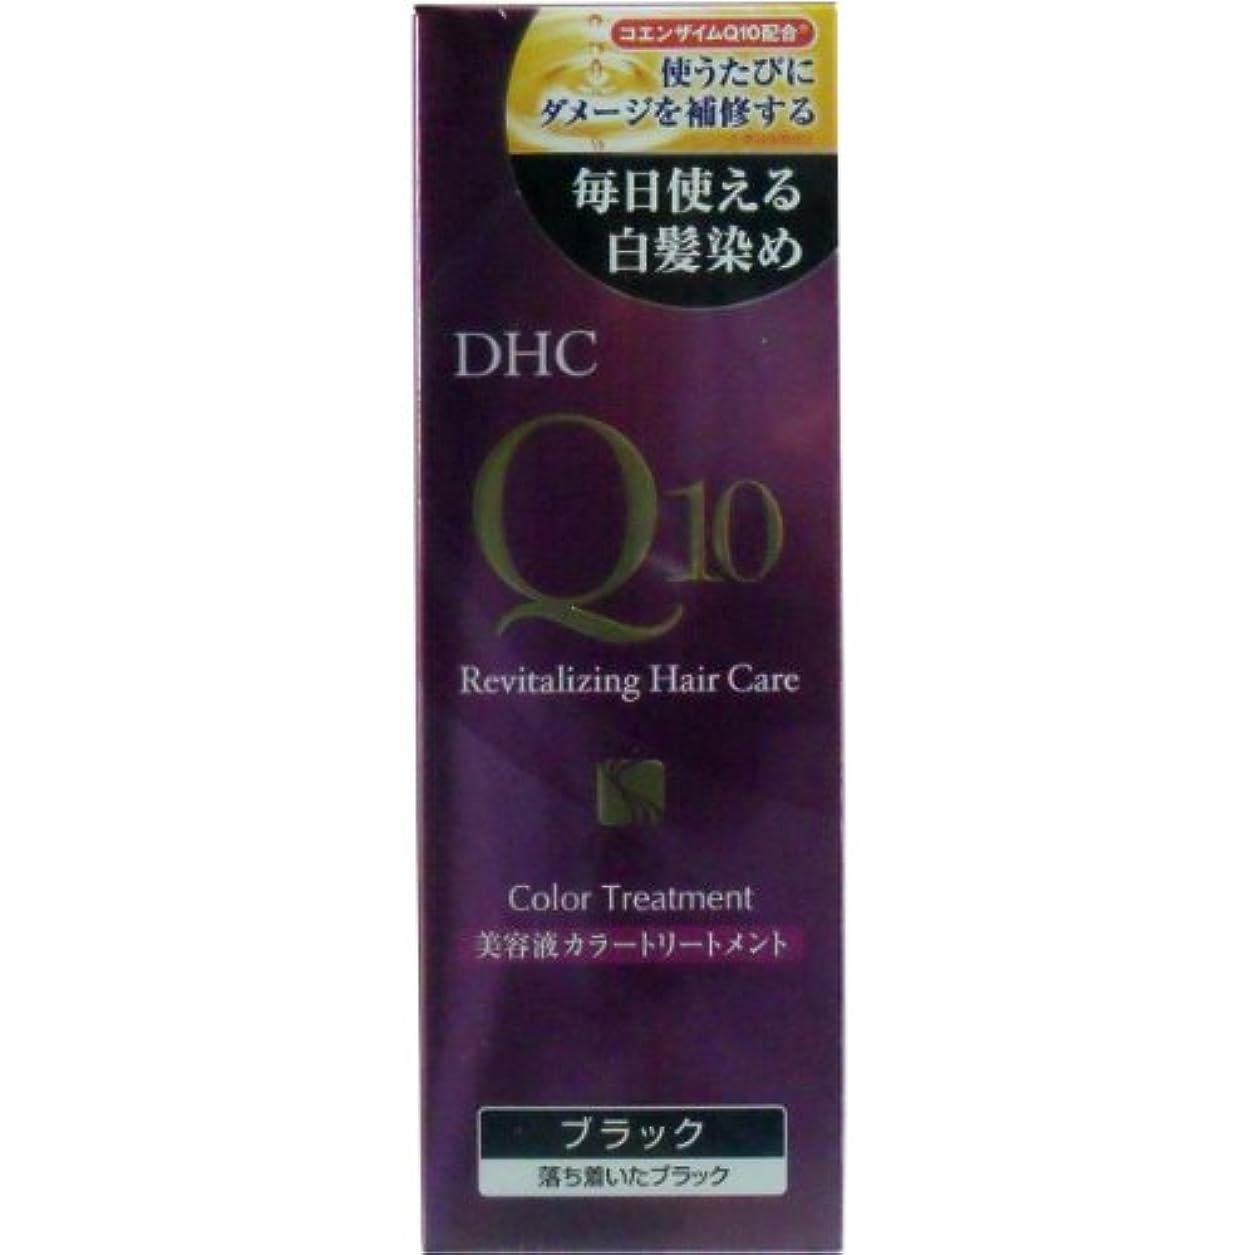 セグメント聖なる干渉するDHC Q10美容液 カラートリートメント ブラック 170g